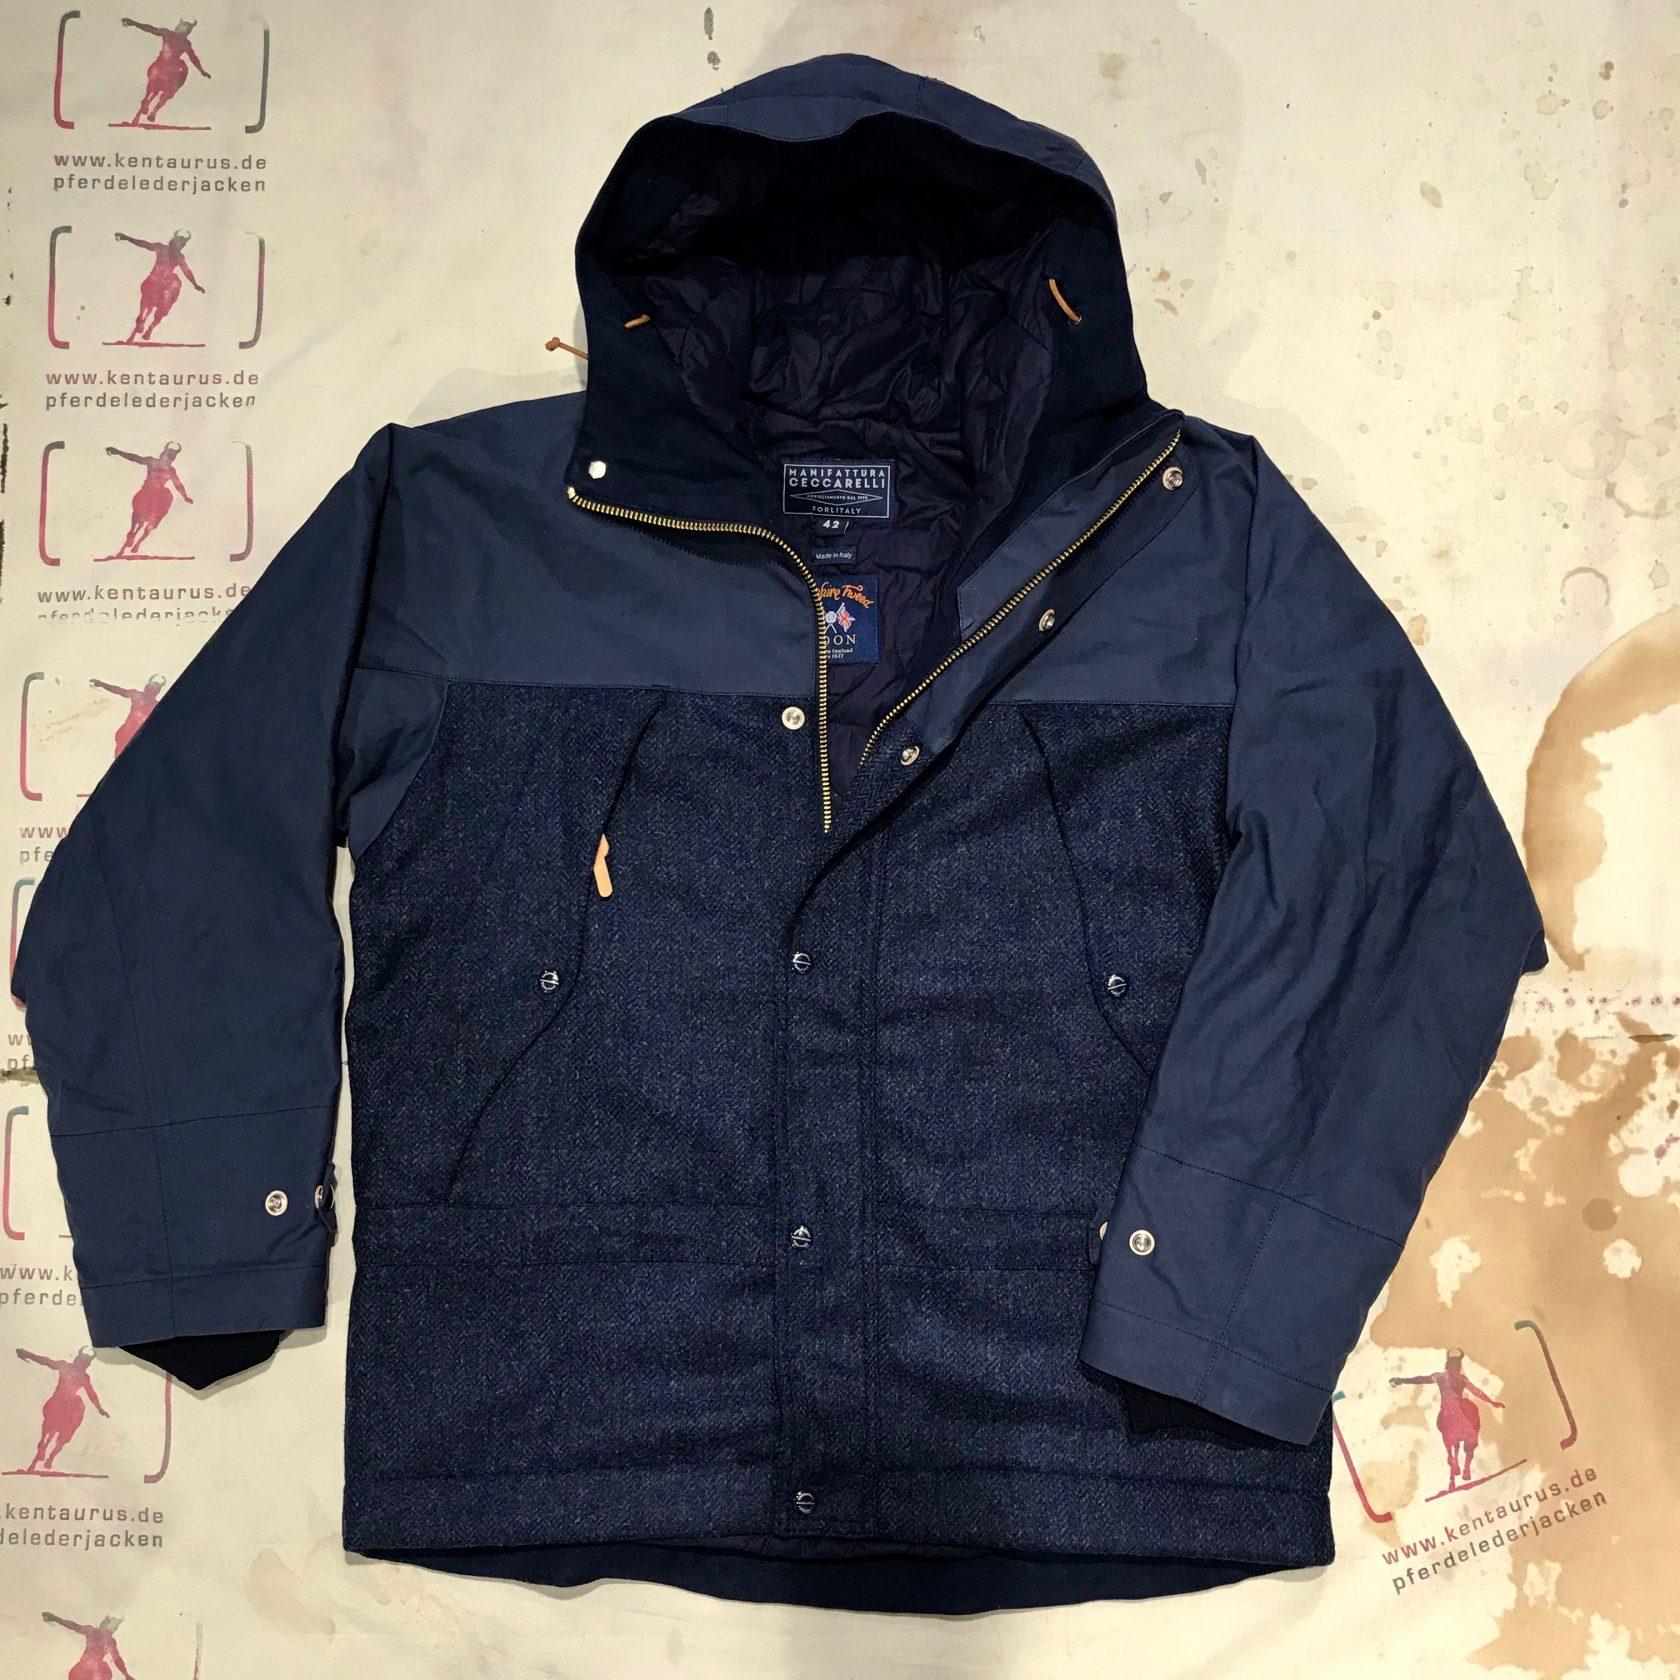 Ceccarelli 2tone mountain jacket navy blue